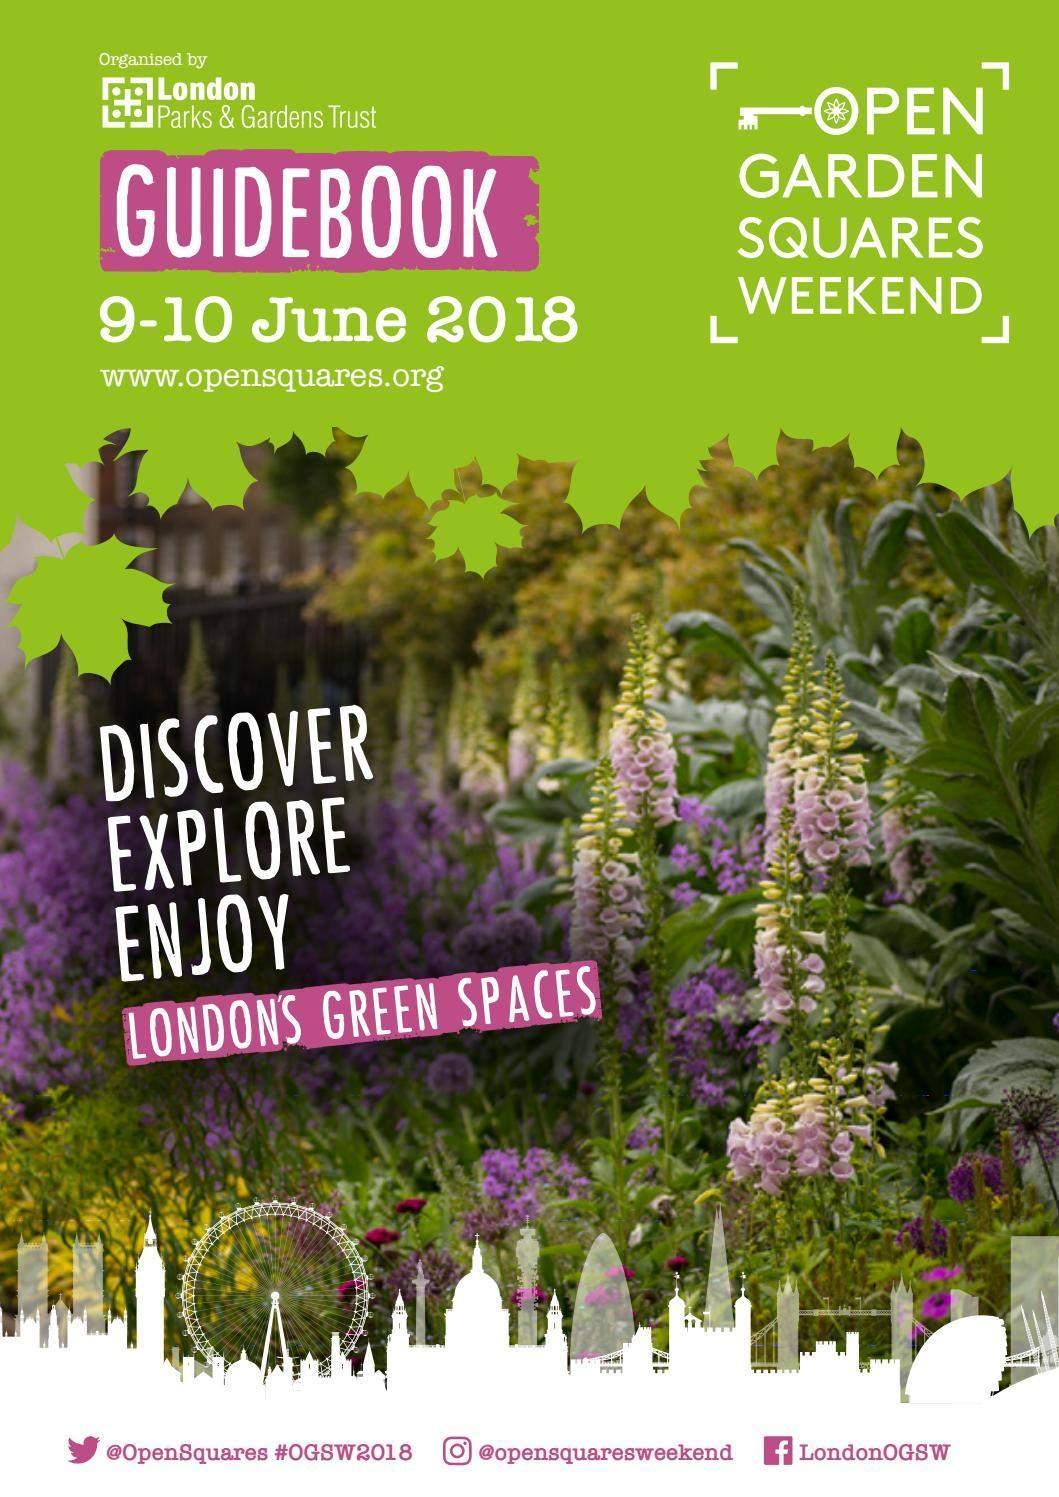 licht garten elegant open garden squares weekend guidebook 2018 by london parks of licht garten